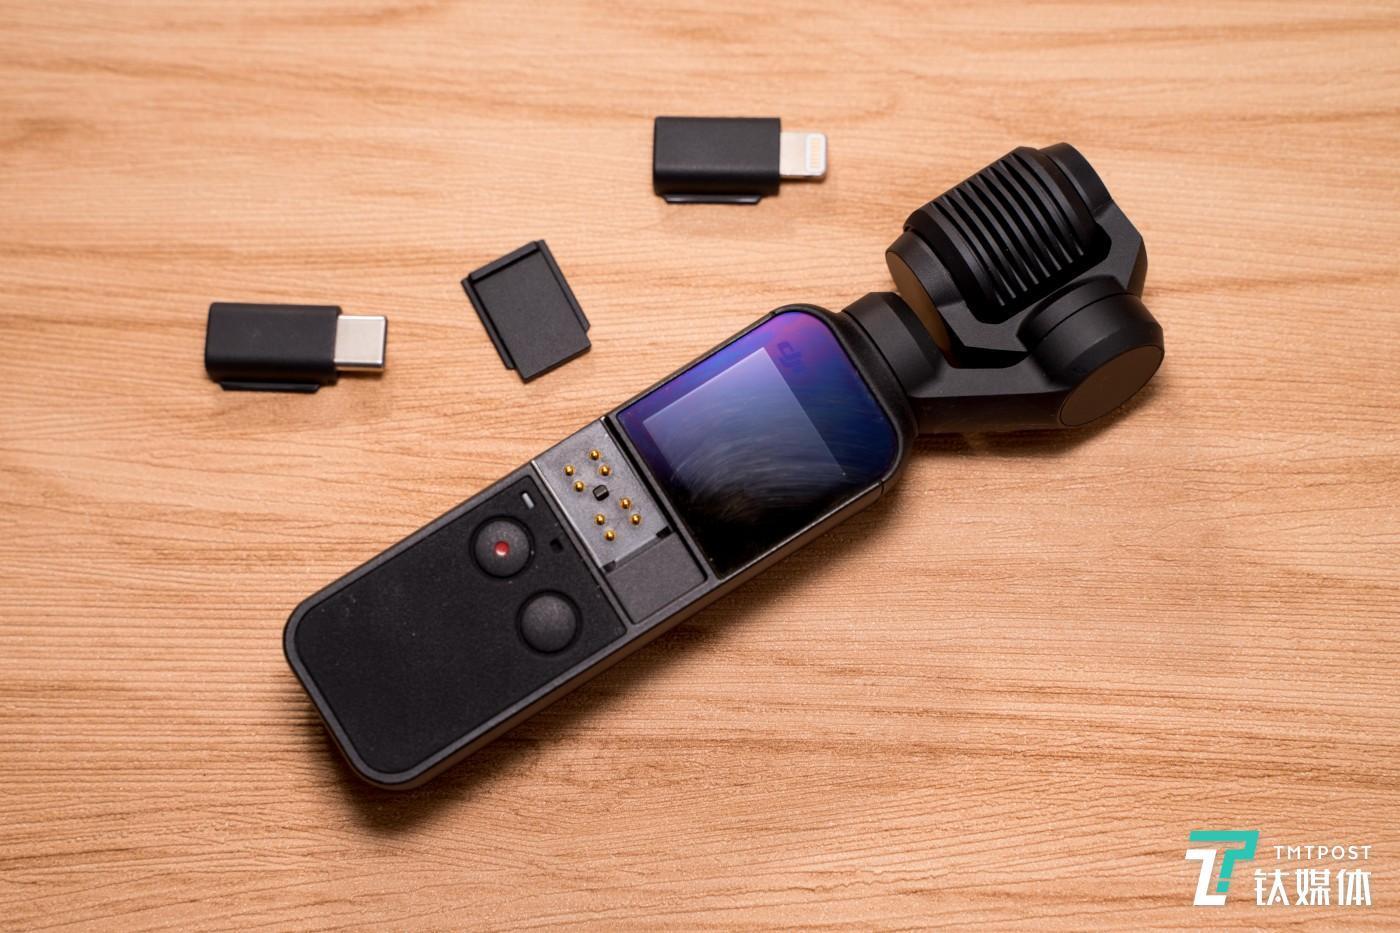 除了两种连接配件以外,还提供了保护触点的配件